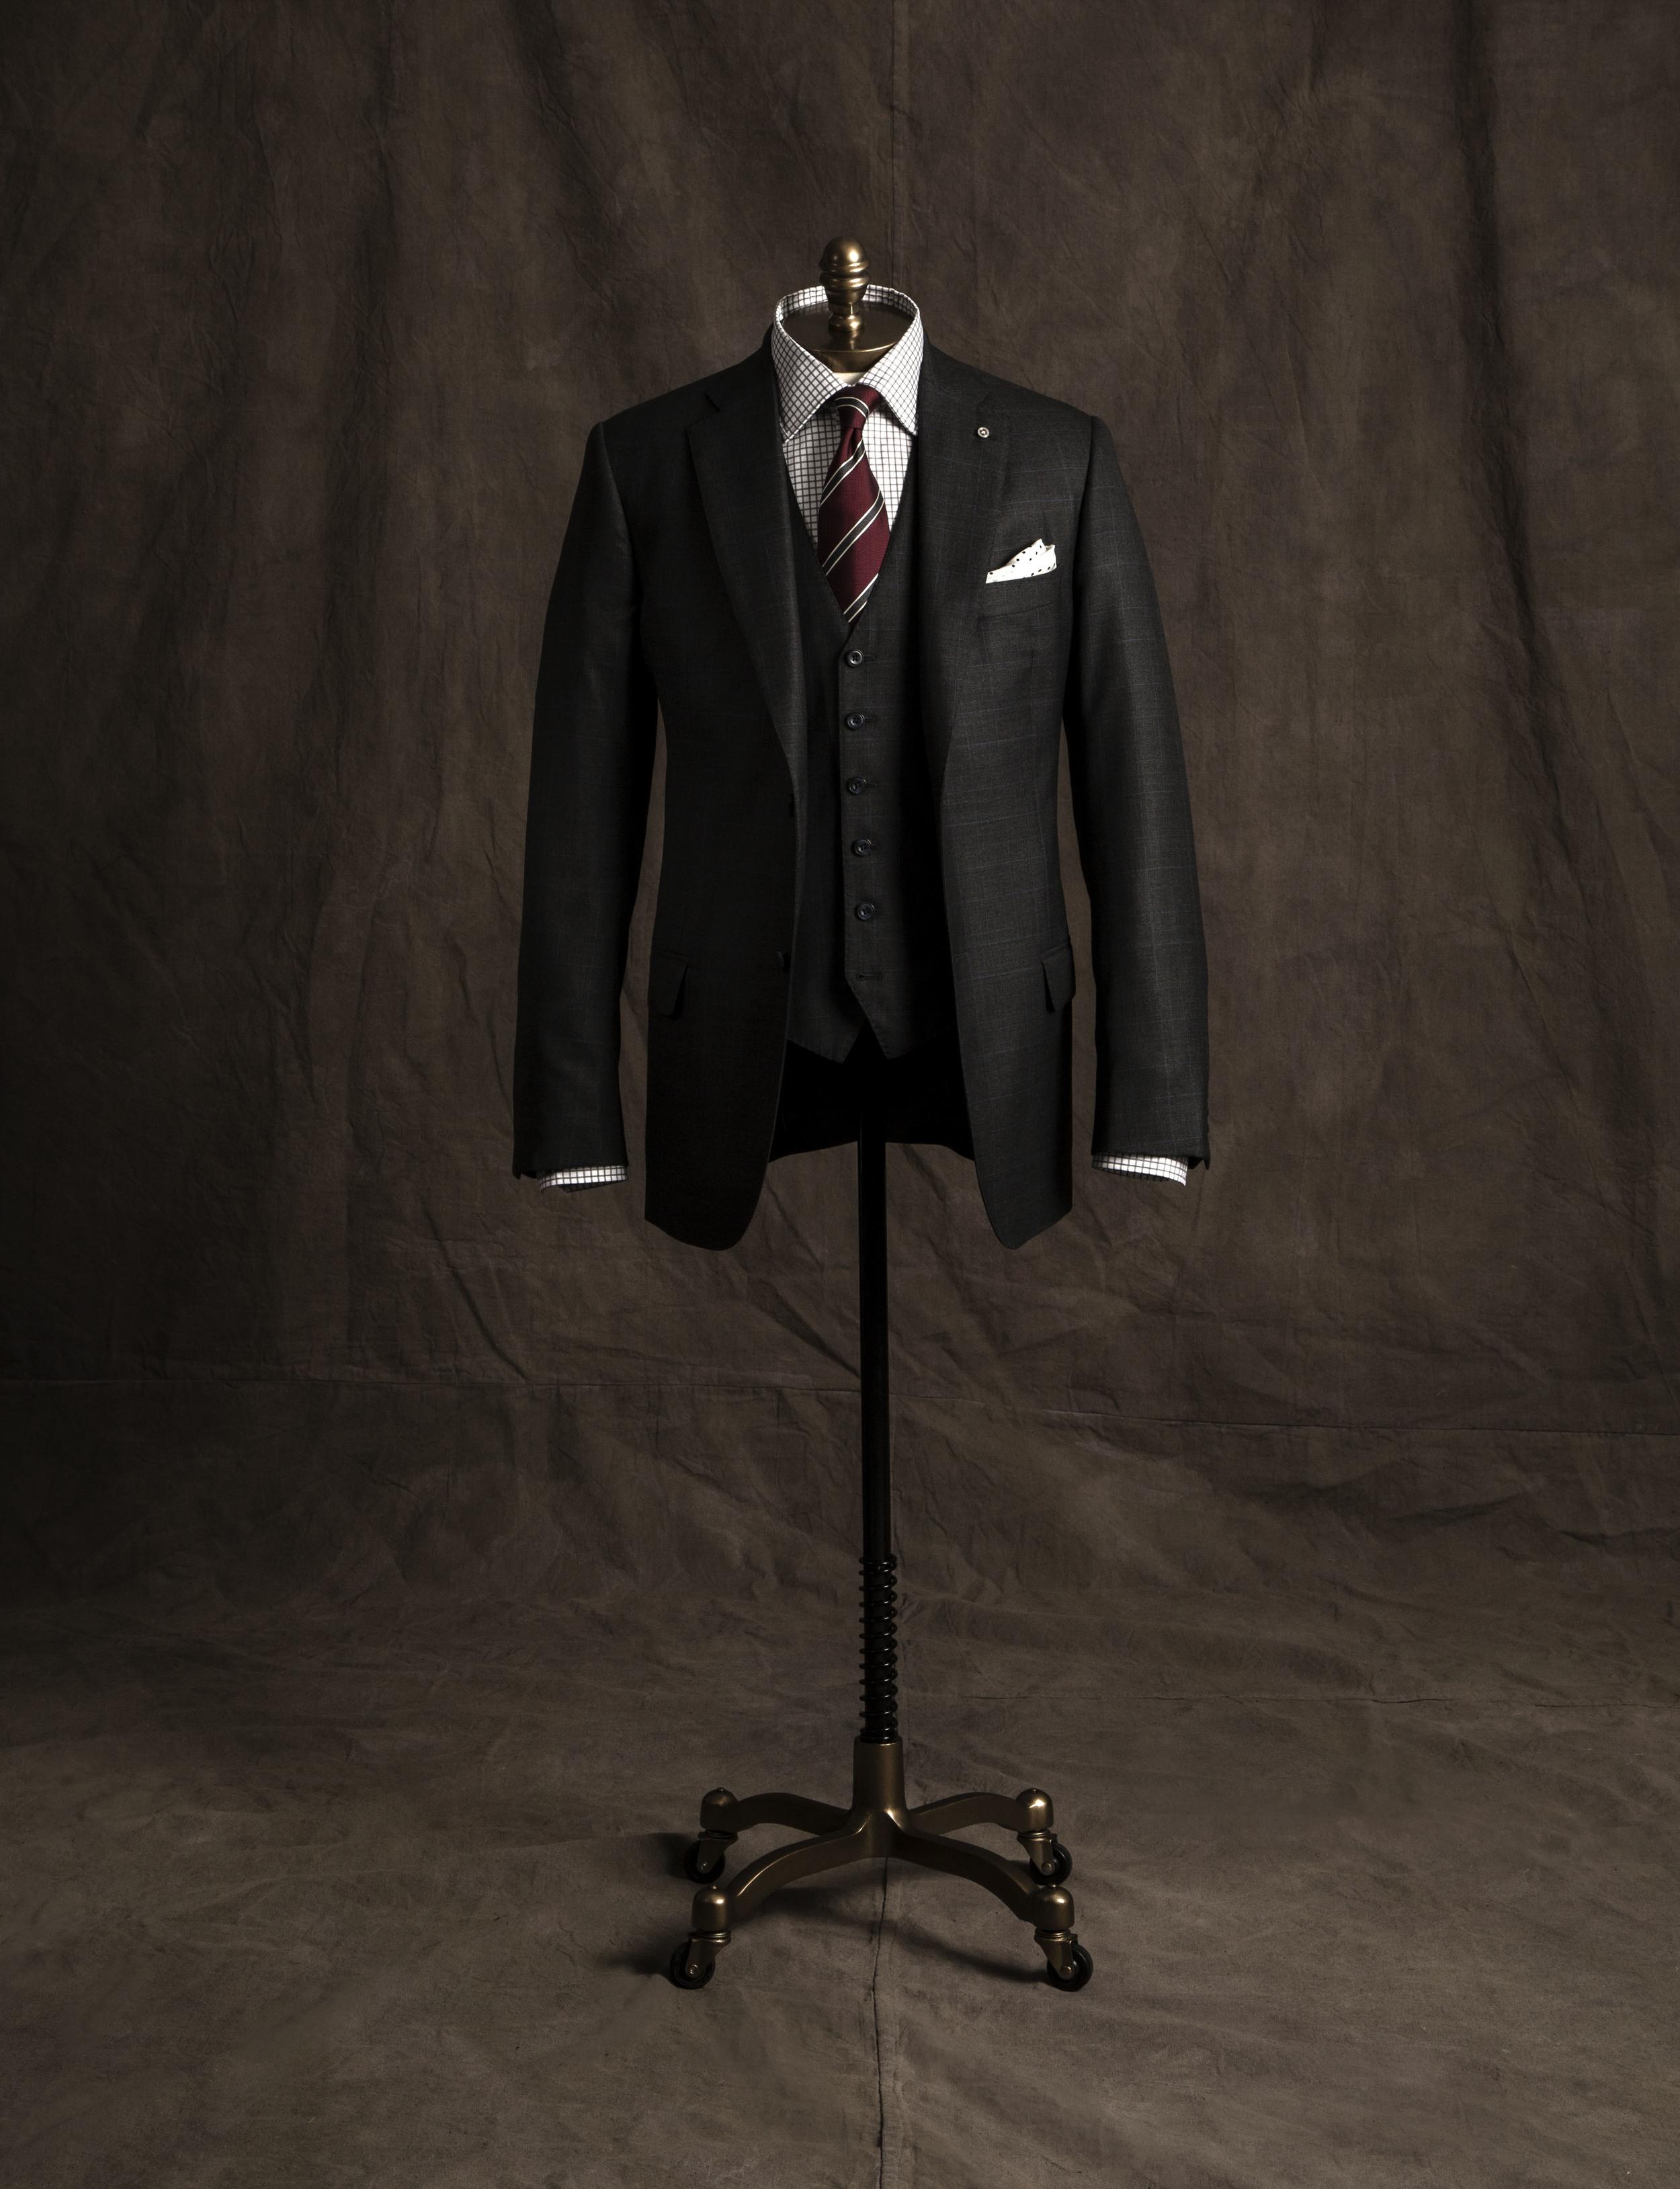 JH Suit Mannequin.jpg